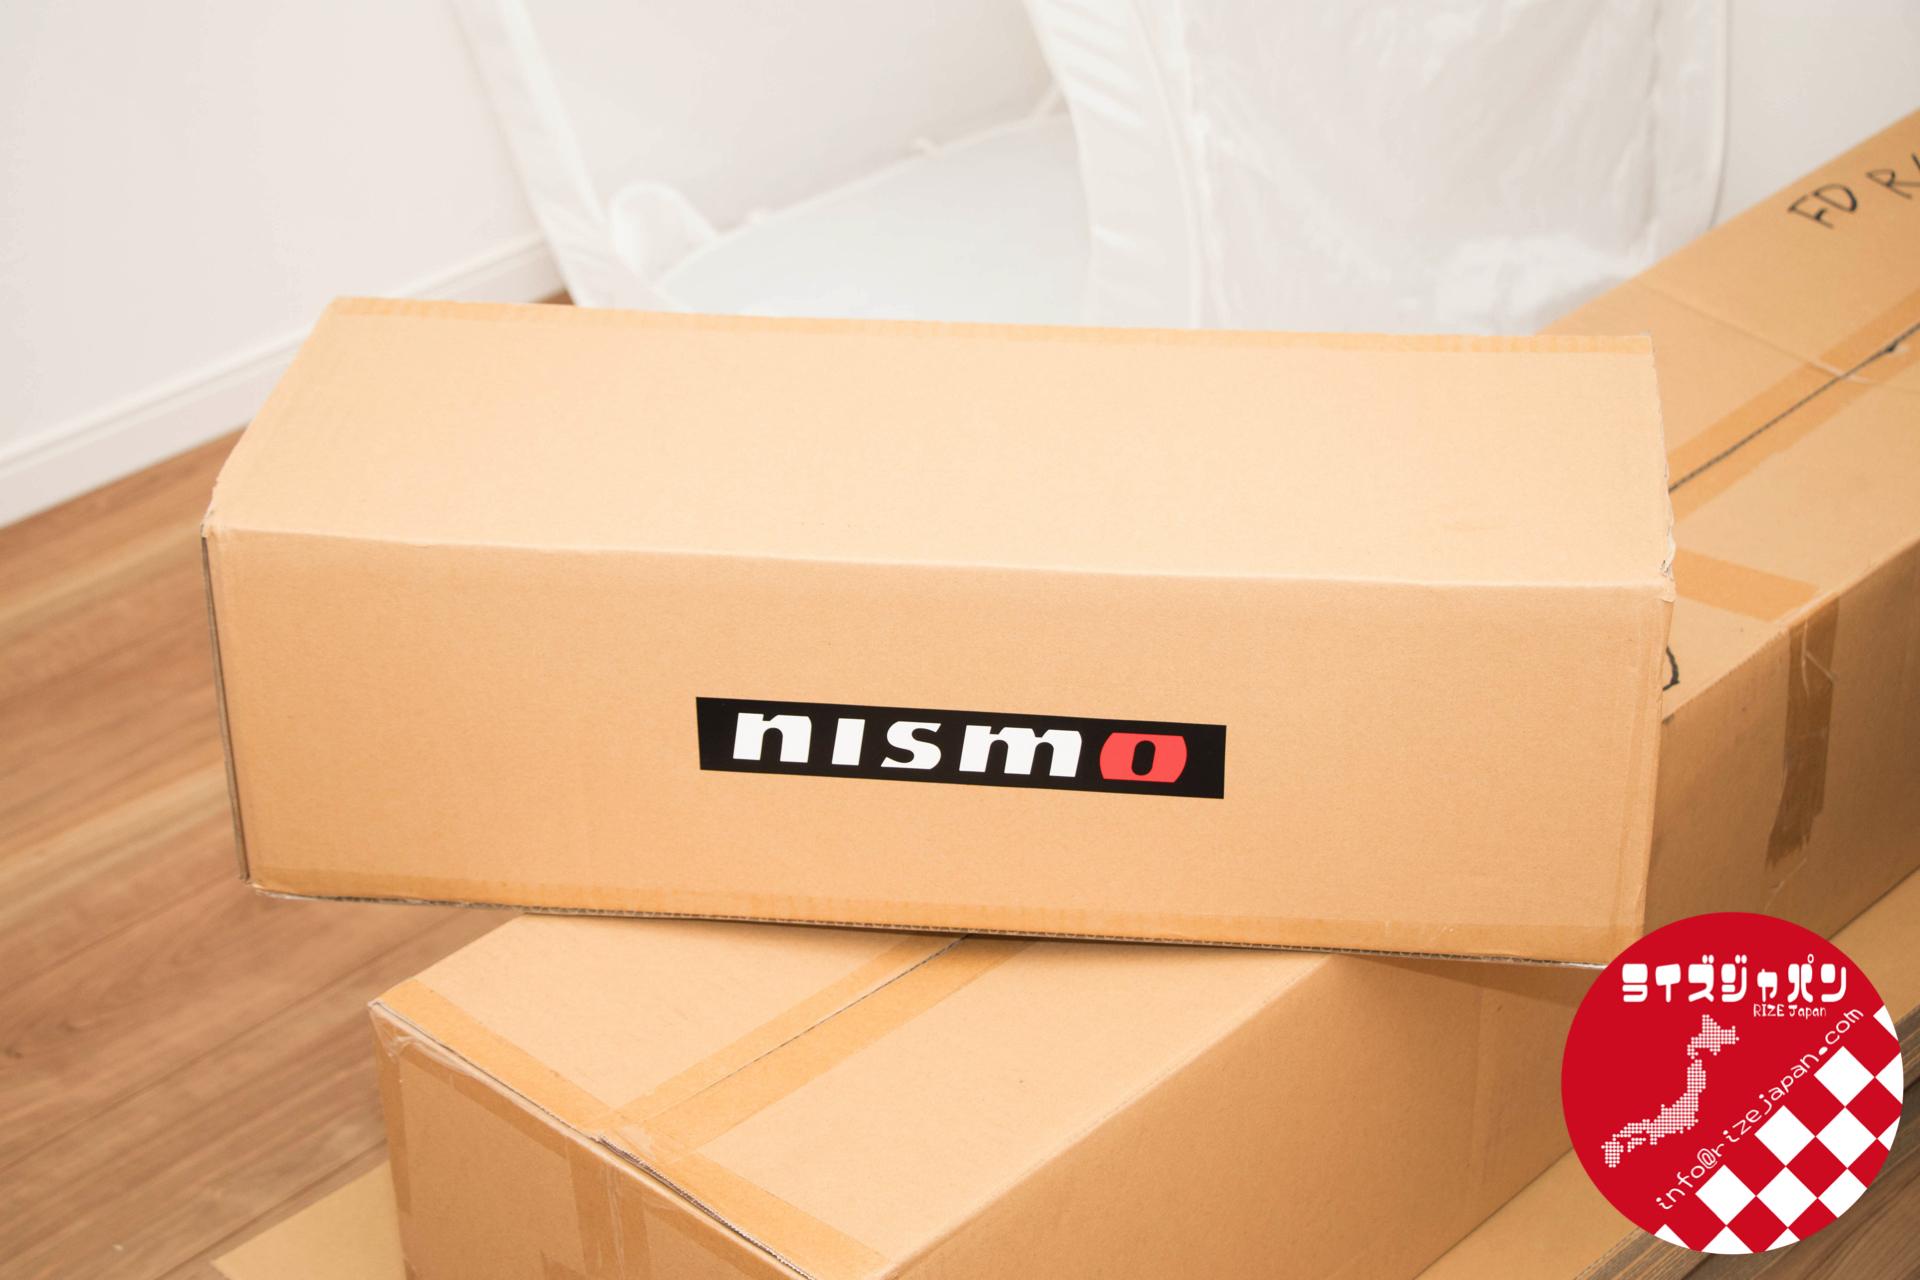 ニスモ インテークコレクター for R32 R33 R34 / NISMO Intake Collector for RB26DETT